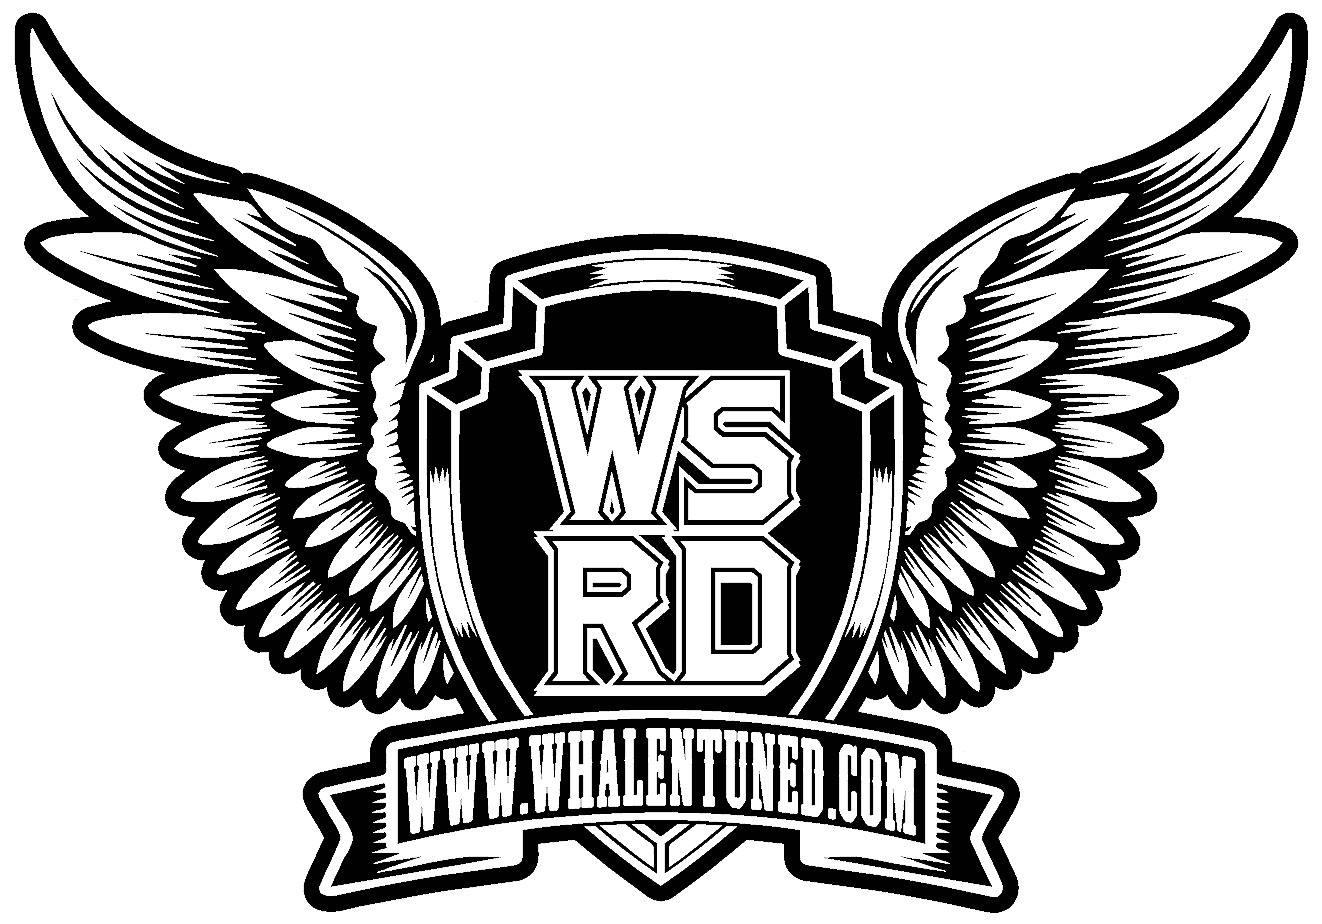 Whalen speed Research & Development - Paw Paw, MI